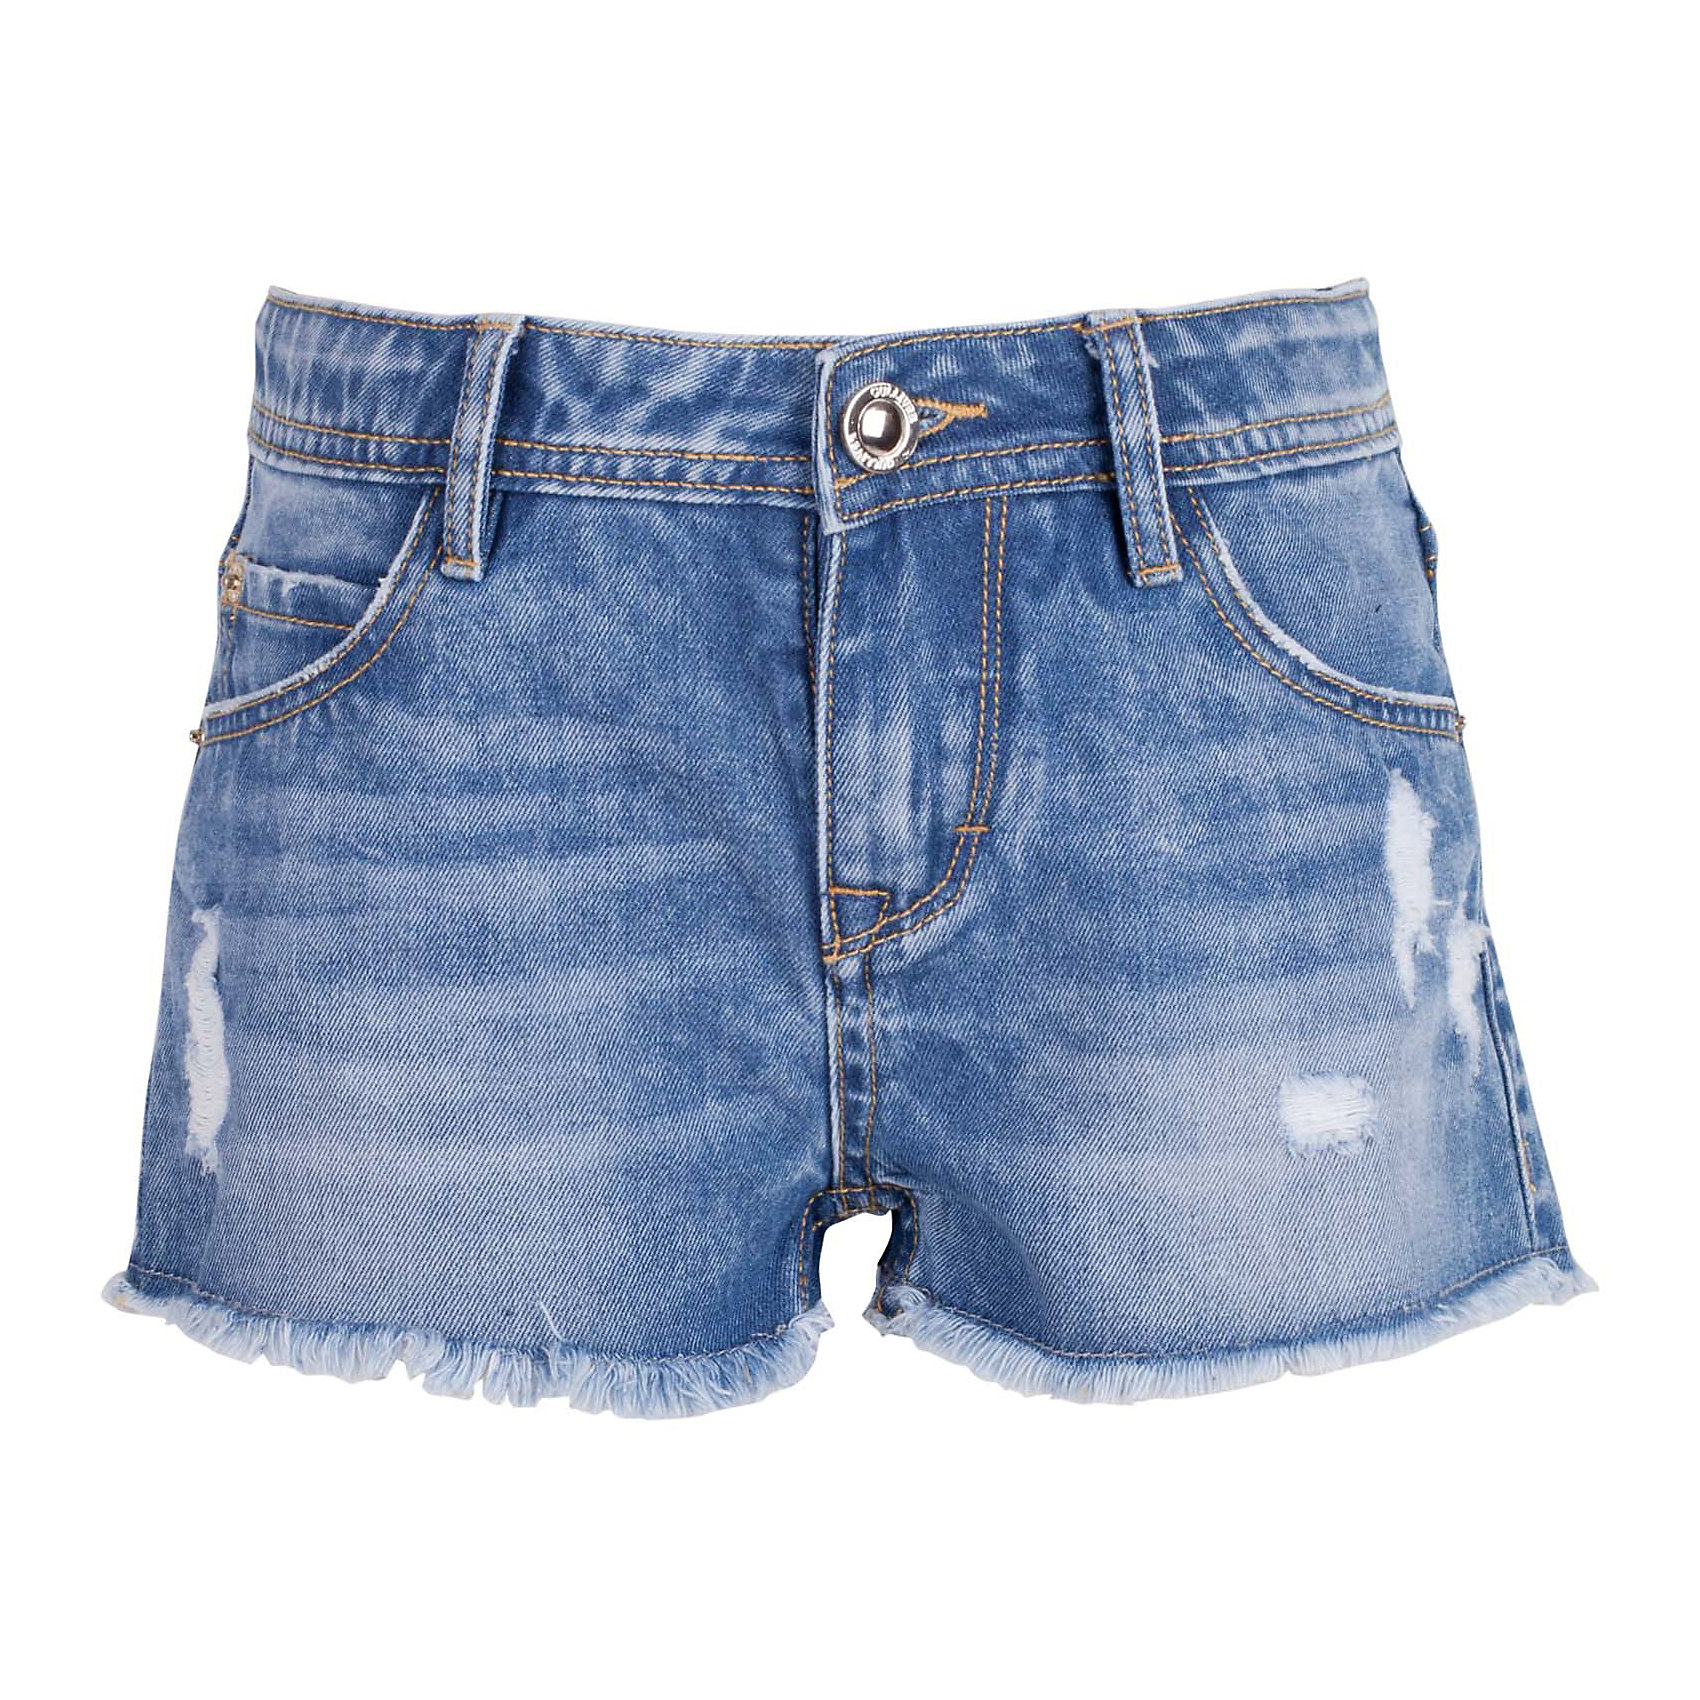 Шорты джинсовые для девочки GulliverШорты, бриджи, капри<br>Джинсовые шорты для девочки - изделие из разряда must have! Во-первых, это стильный удобный элемент гардероба, идеально подходящий к любой футболке, майке, джемперу. Во-вторых, джинсовые шорты очень практичны, а значит, незаменимы для активных игр и долгих прогулок на свежем воздухе. Многие, конечно, уже знакомы со стильными джинсовыми моделями от Gulliver! Модная посадка изделия на фигуре, варка, повреждения, потертости... В сезоне Весна/Лето 2017 у вас снова есть шанс купить шорты от лучшего бренда! Синие джинсовые шорты для девочки - оптимальное решение для яркого и комфортного лета!<br>Состав:<br>100% хлопок<br><br>Ширина мм: 191<br>Глубина мм: 10<br>Высота мм: 175<br>Вес г: 273<br>Цвет: синий<br>Возраст от месяцев: 72<br>Возраст до месяцев: 84<br>Пол: Женский<br>Возраст: Детский<br>Размер: 122,128,134,140<br>SKU: 5484036